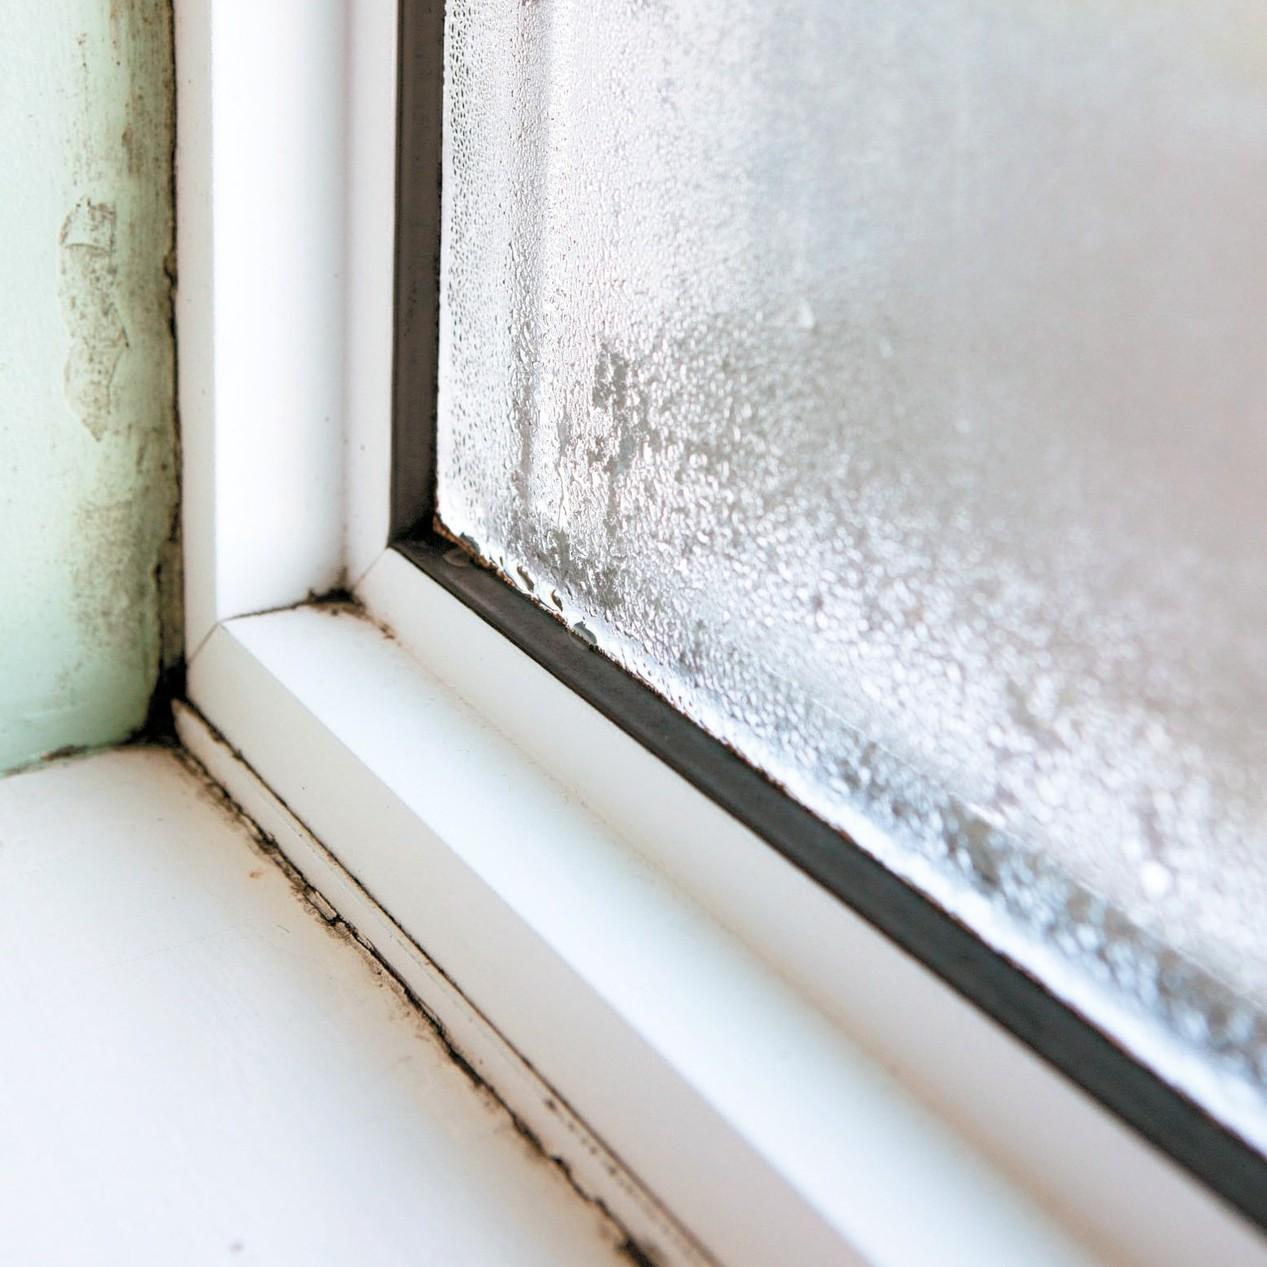 窗框漏水可能是接縫老化,建議更換新窗戶。 圖/信義房屋提供